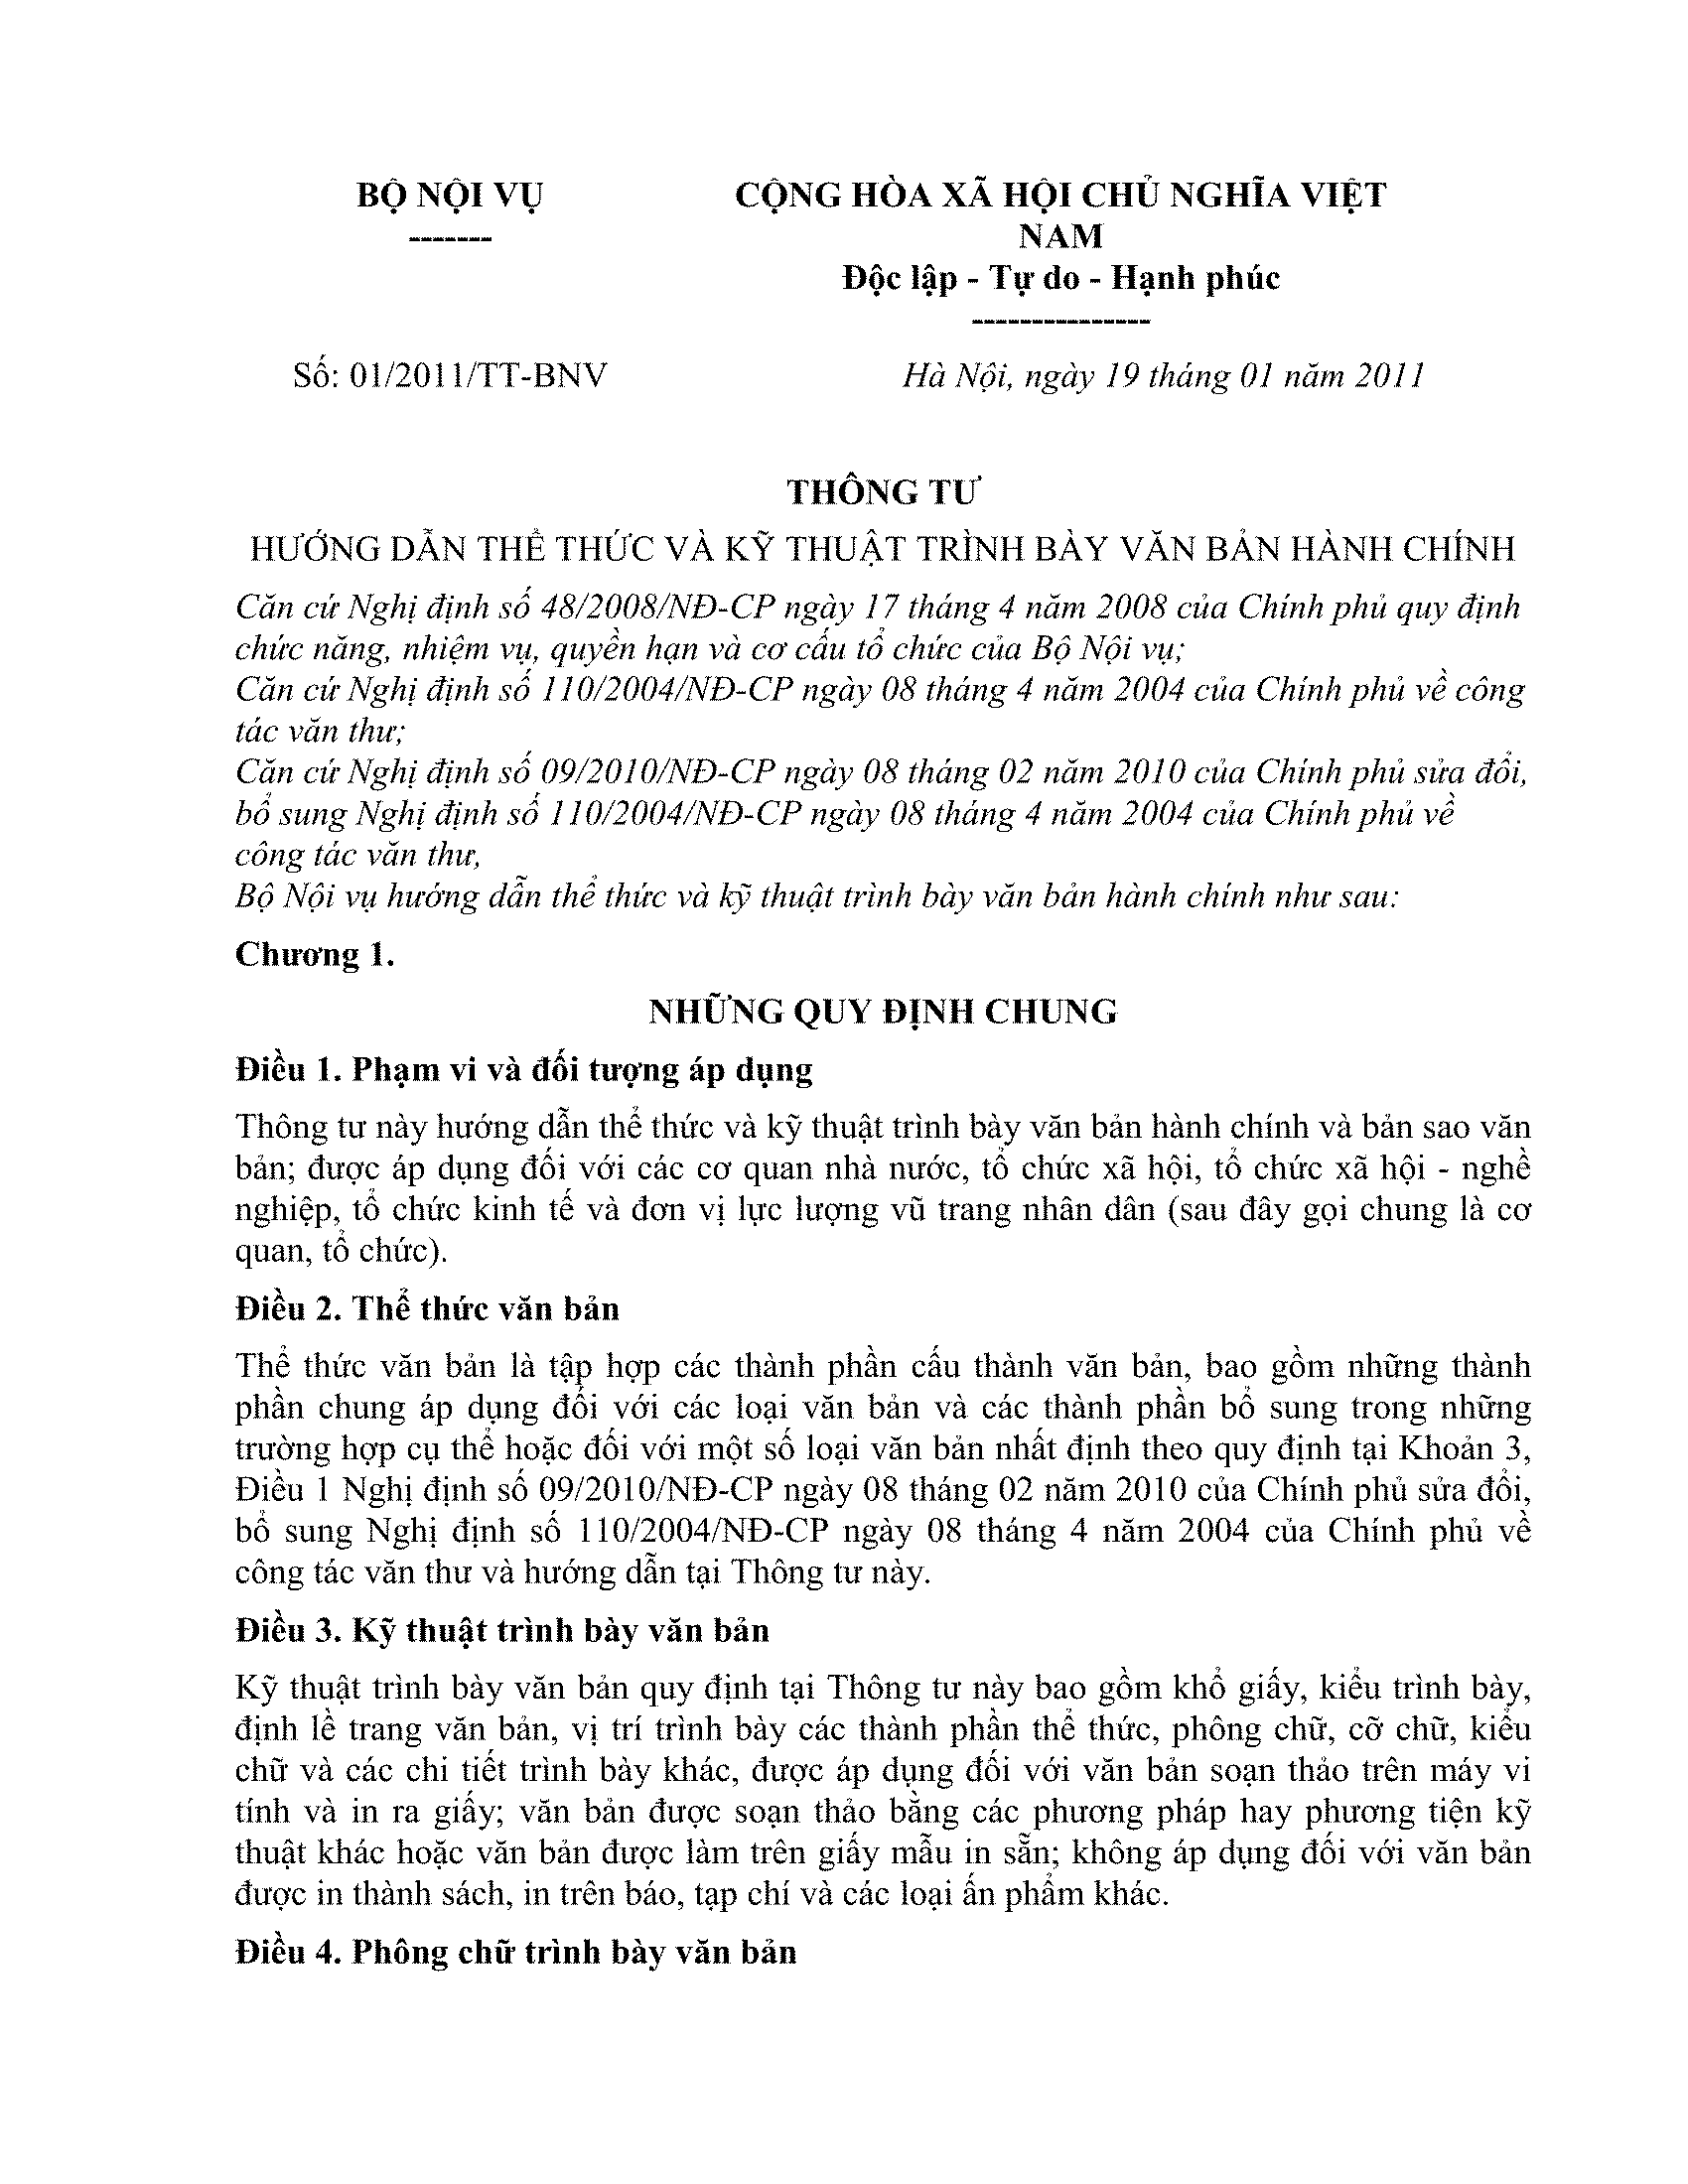 Hướng dẫn kỹ thuật trình bày văn bản hành chính